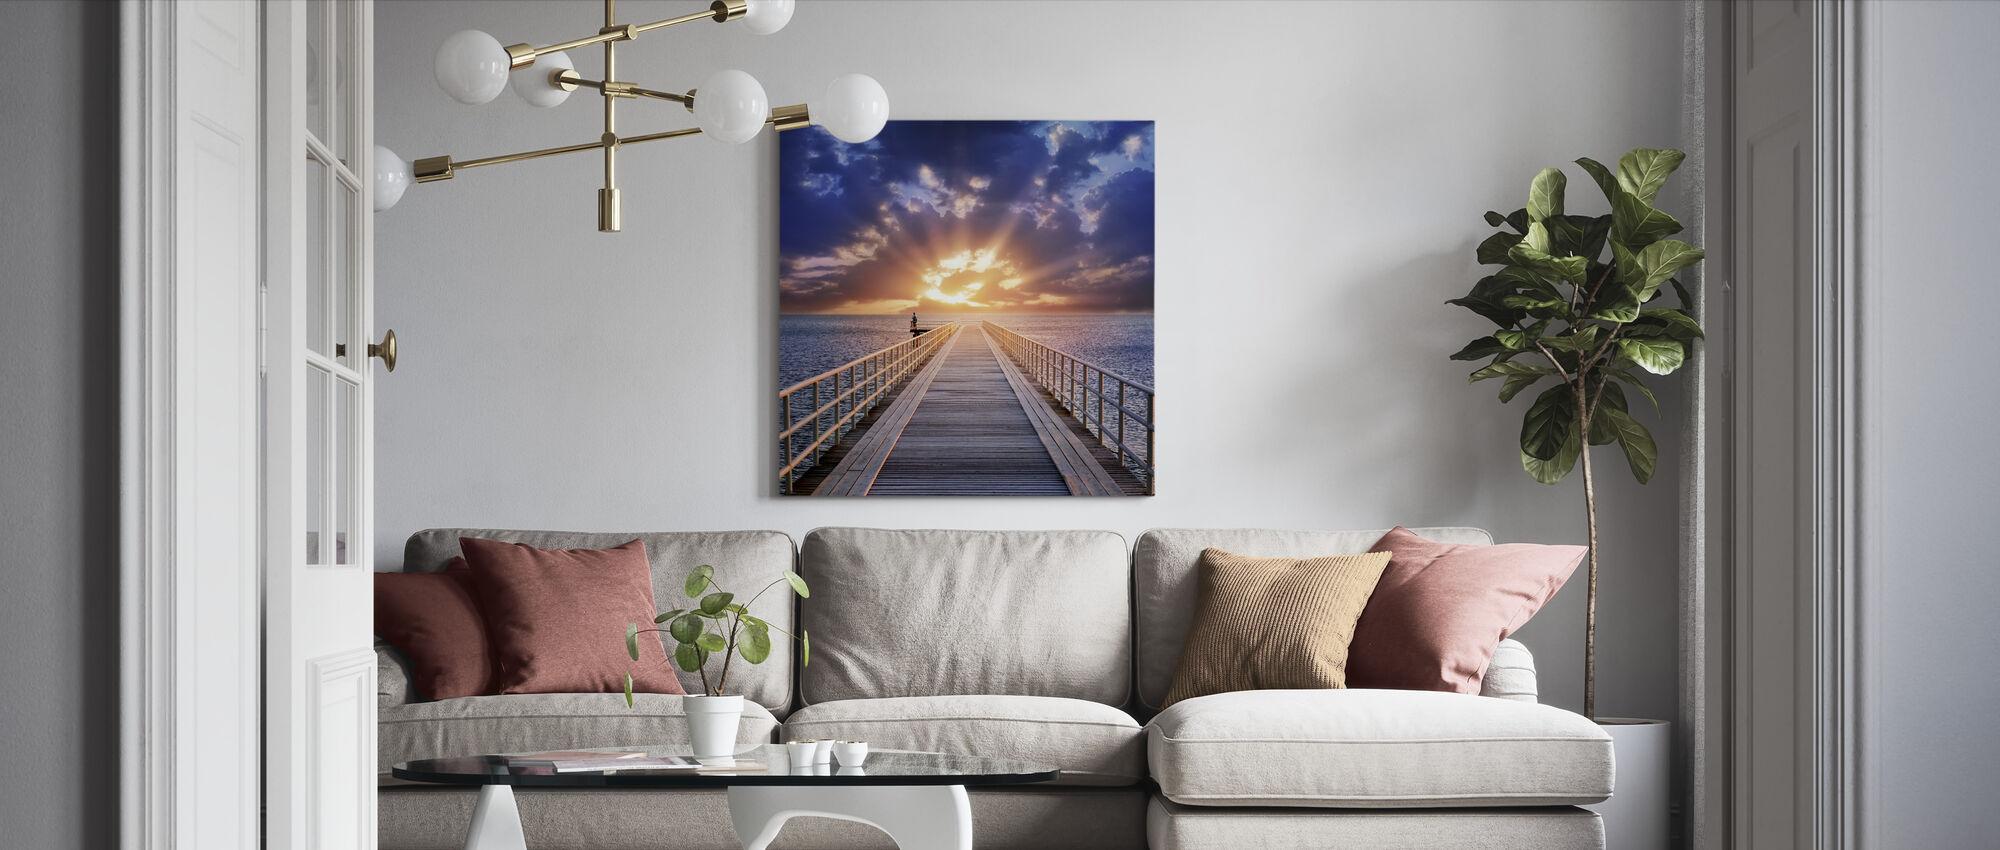 Baggrundsbelysning Bridge - Billede på lærred - Stue